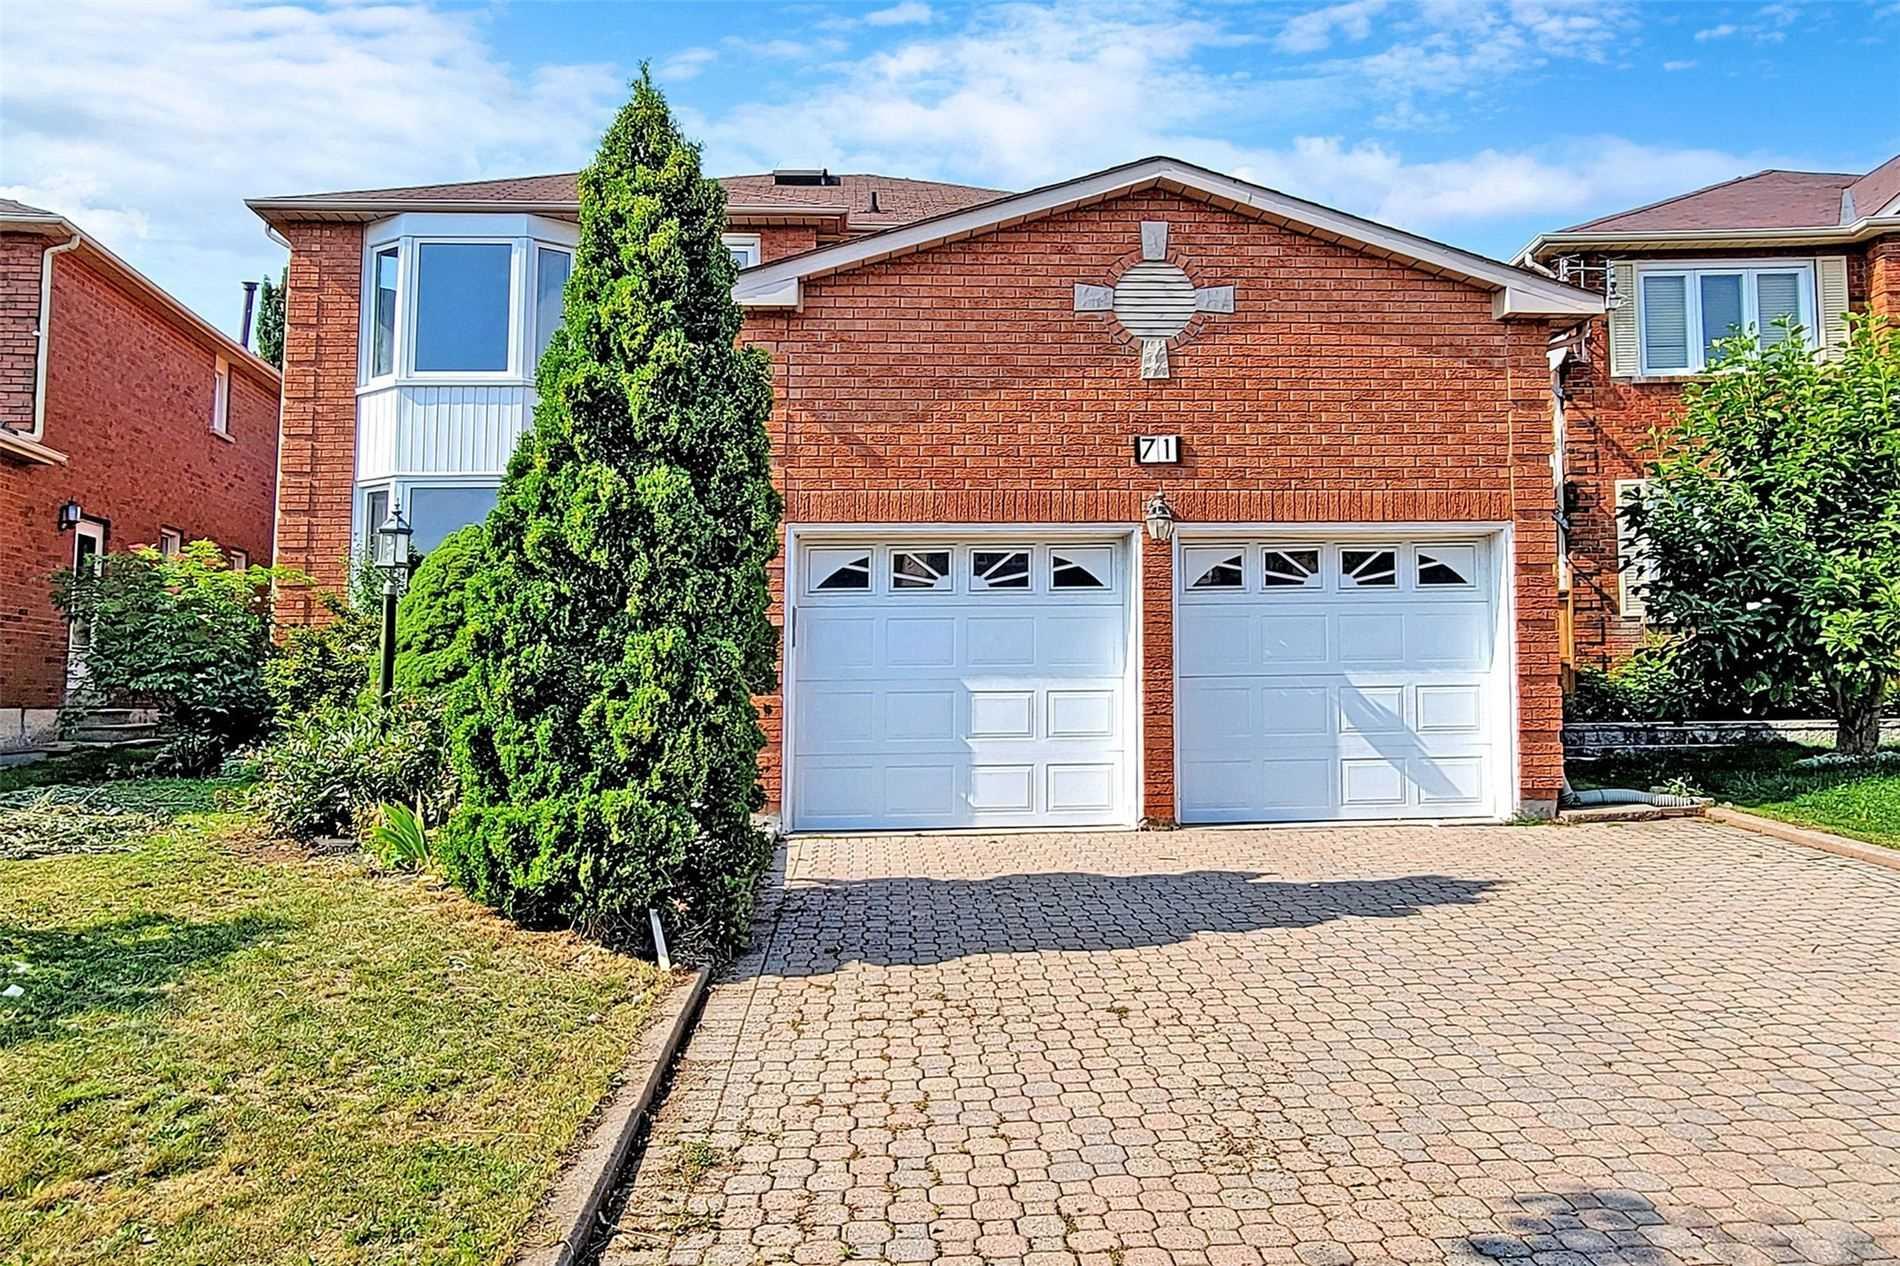 71 Valleymede Dr - Doncrest Detached for sale, 4 Bedrooms (N5325084) - #1